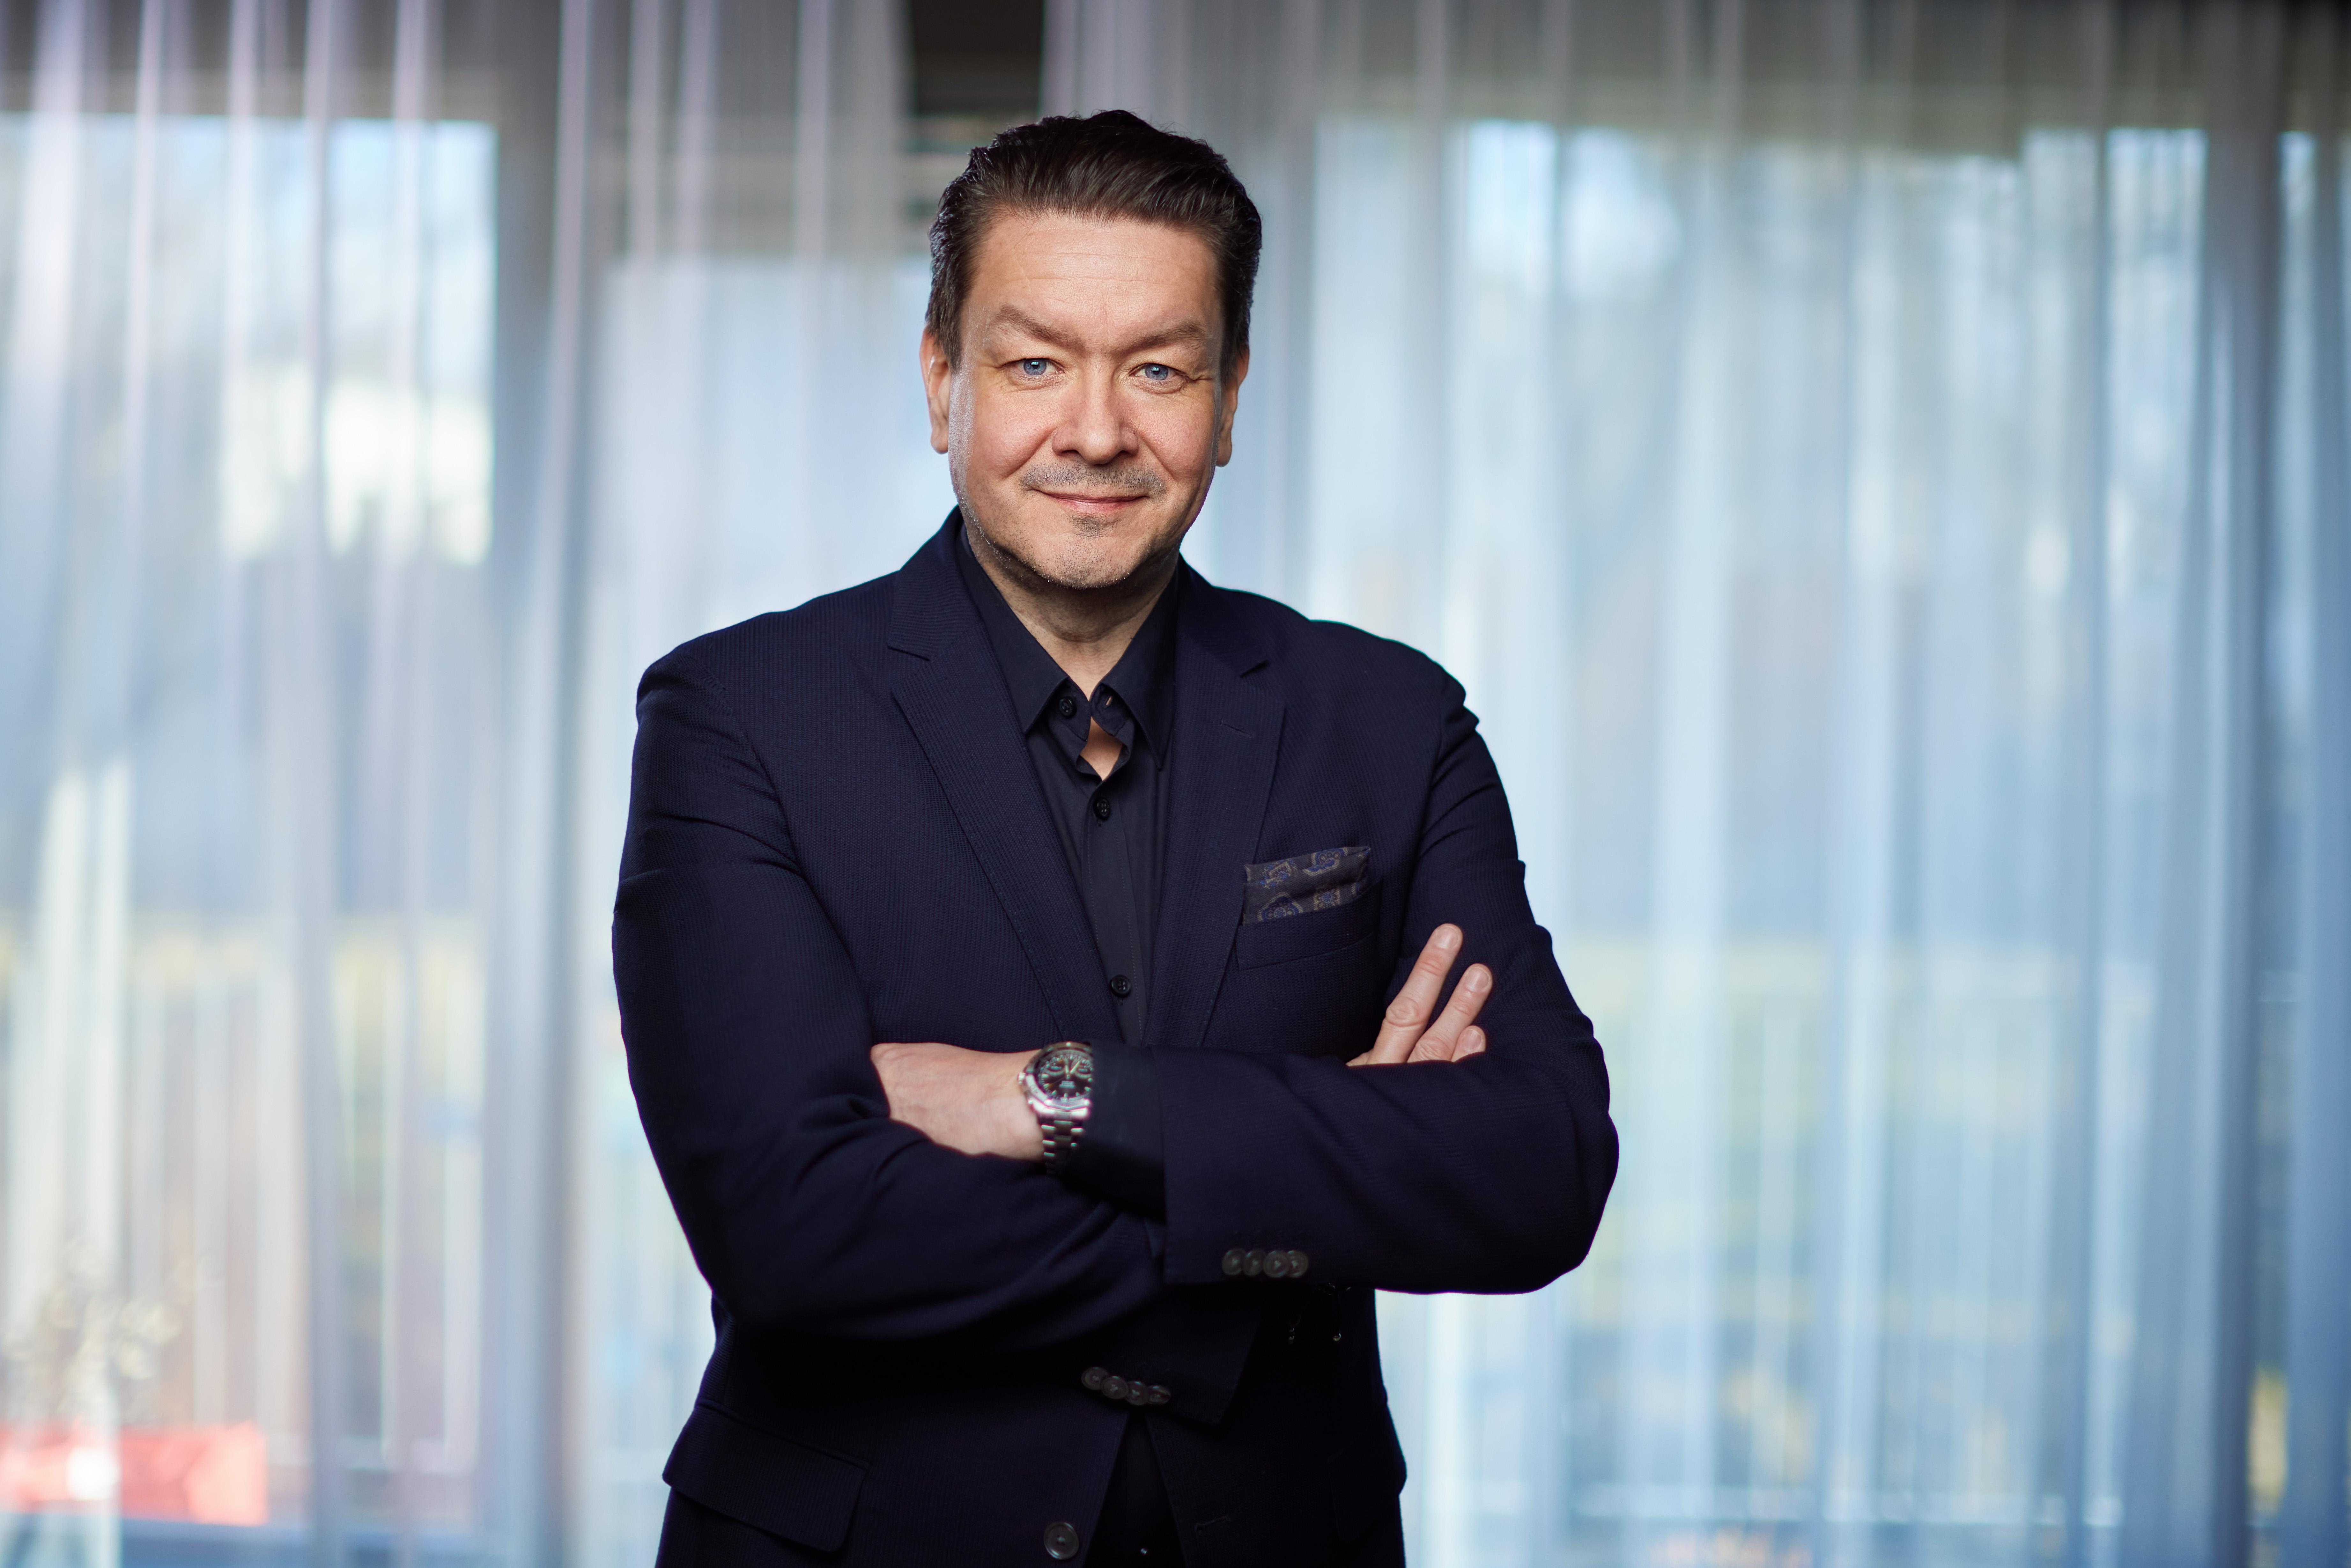 Birgir Jónsson, CEO